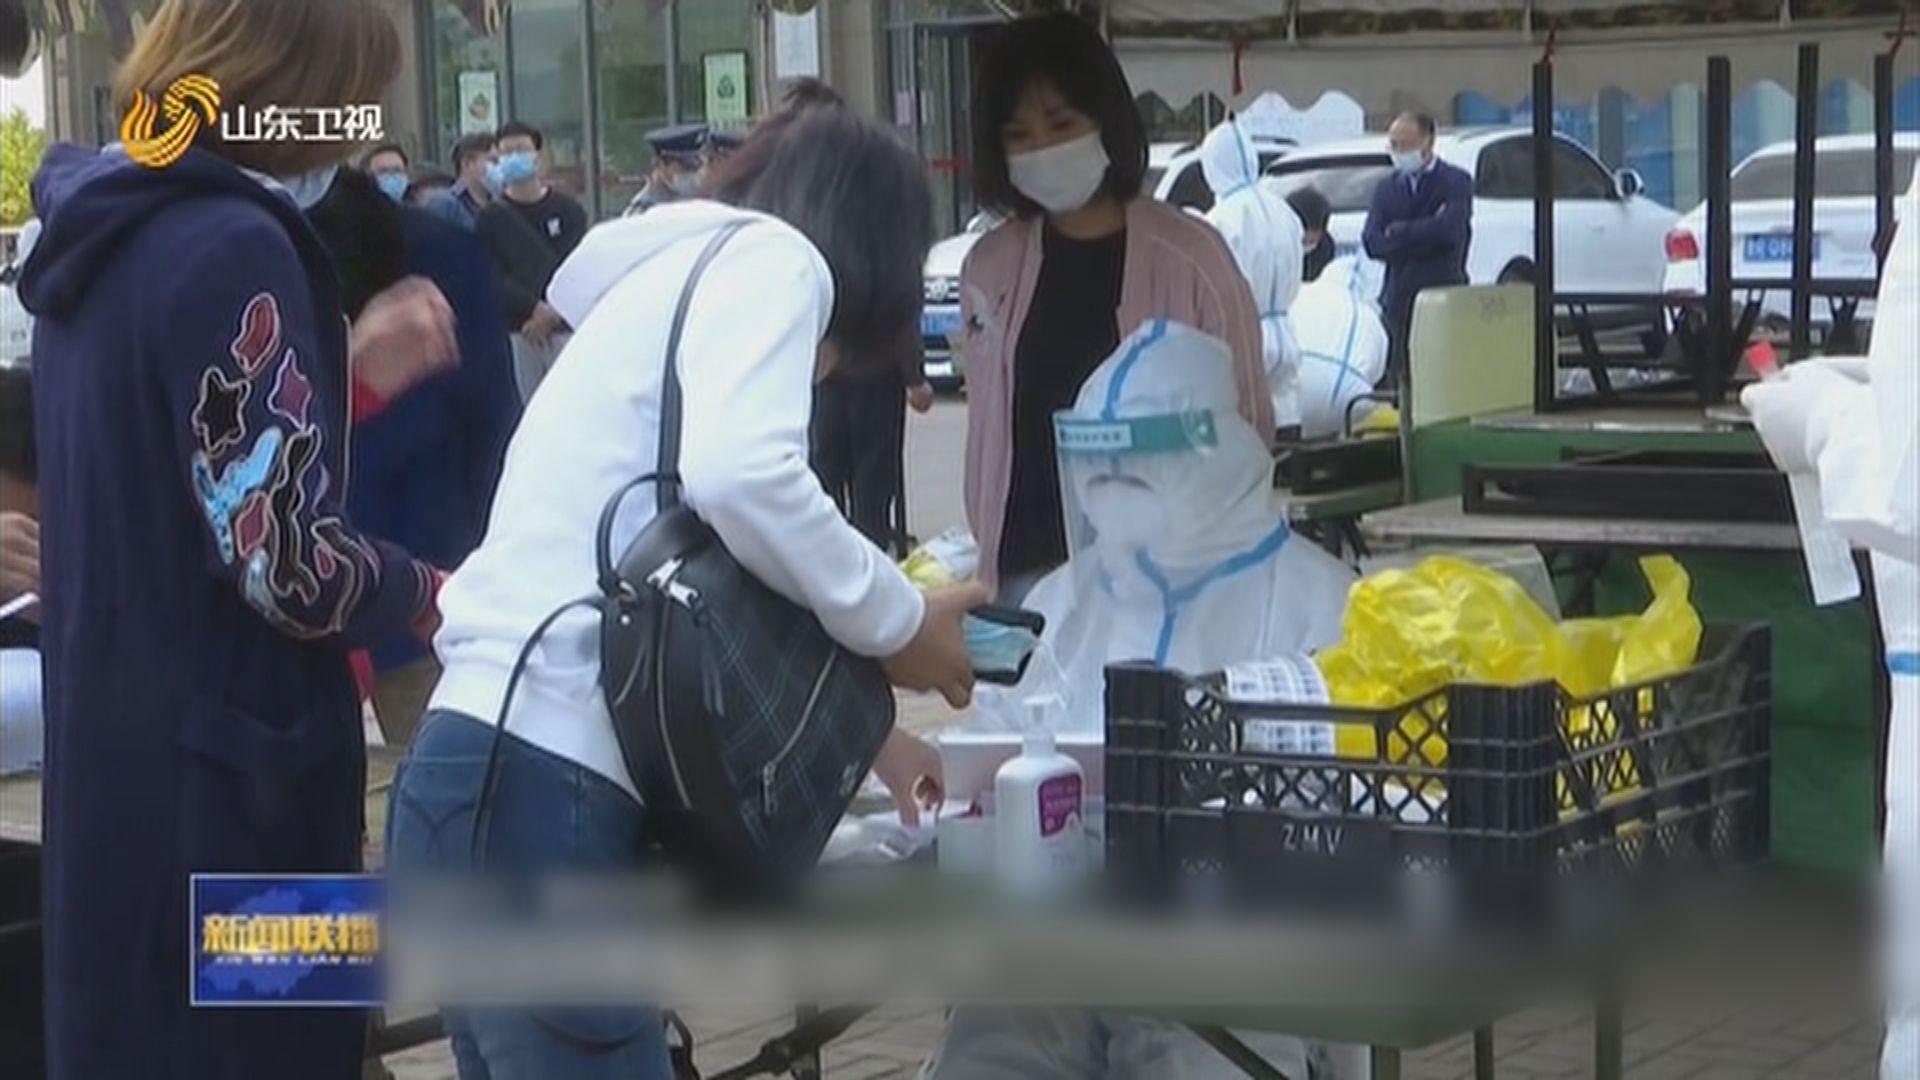 山東青島出現新冠病毒疫情 超過27萬人接受核酸檢測